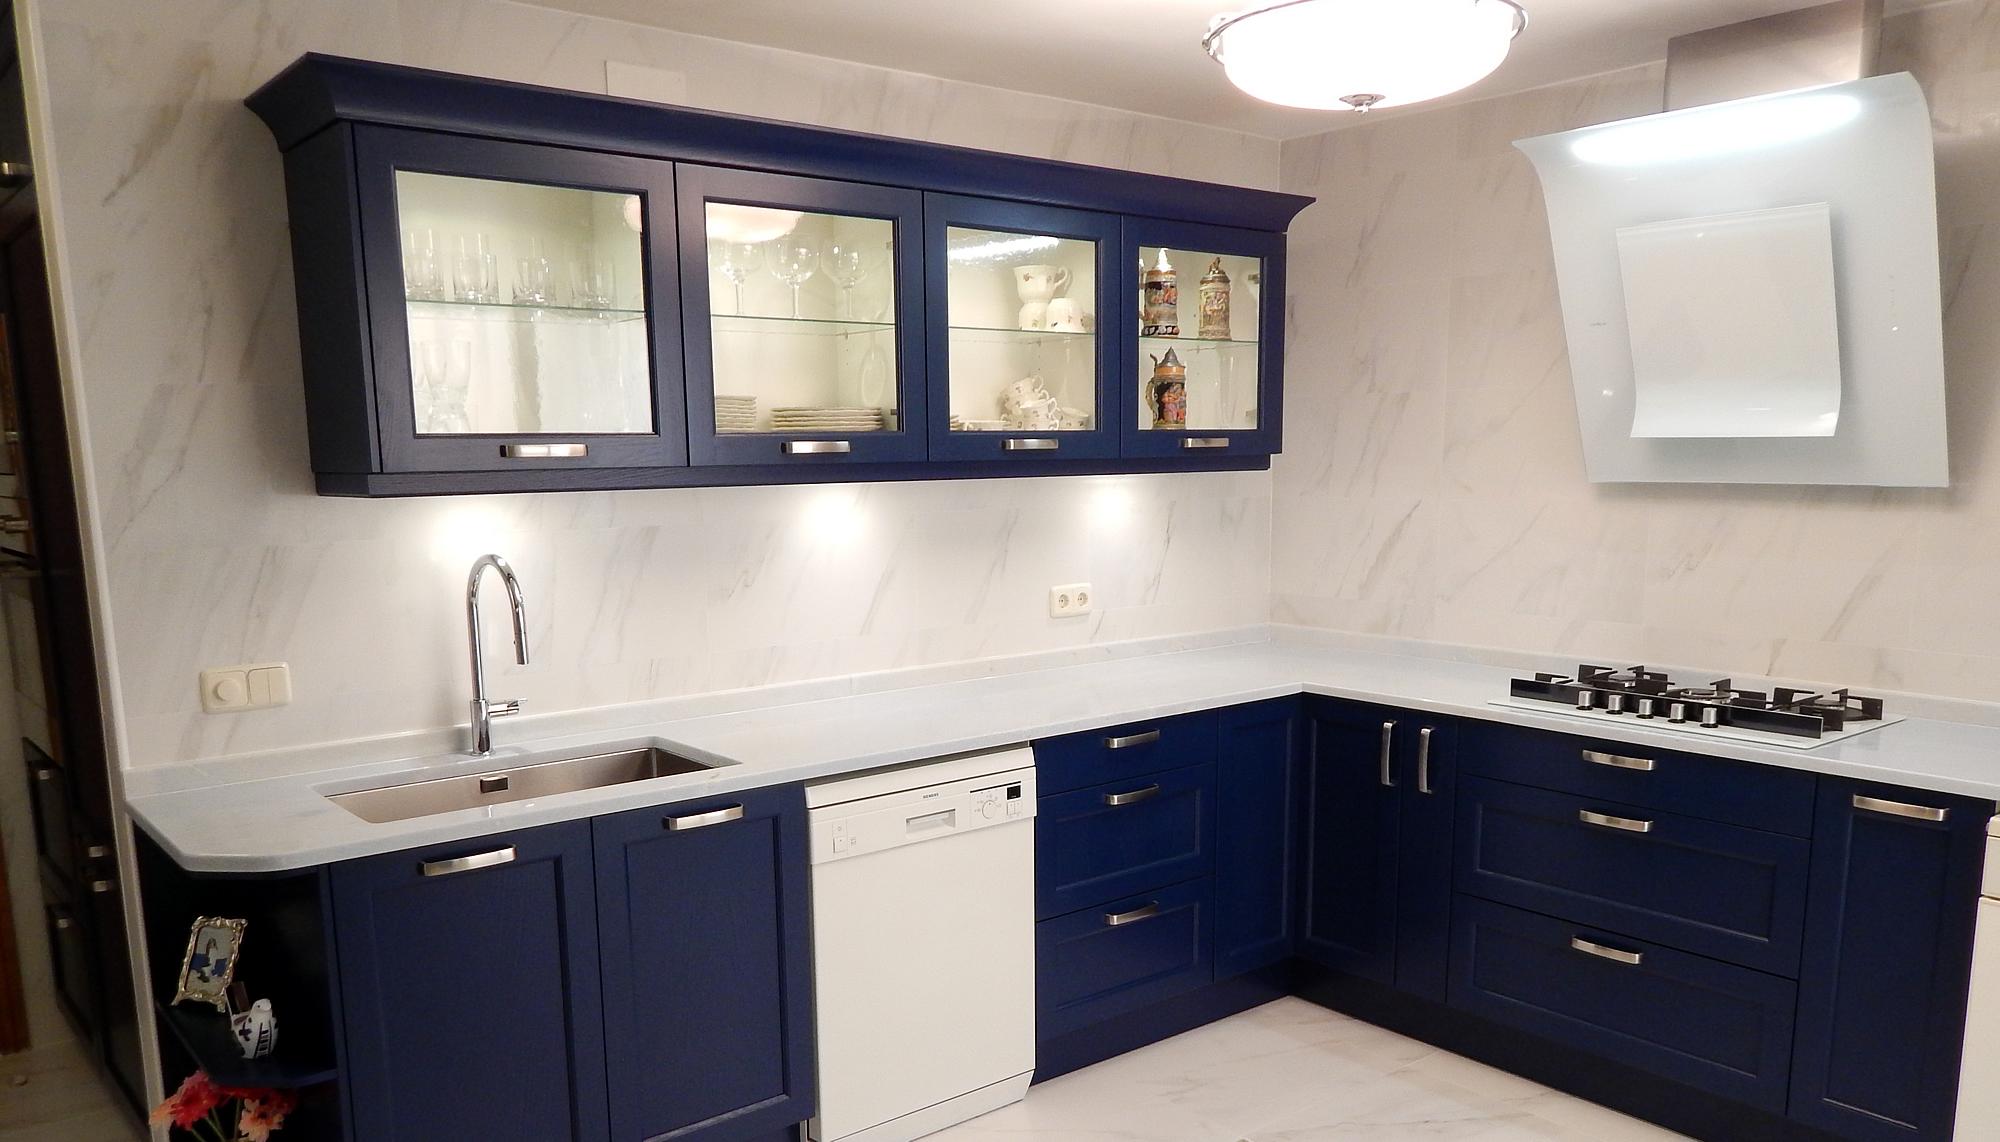 Muebles de cocina modelo bristol for Muebles de cocina precios y modelos